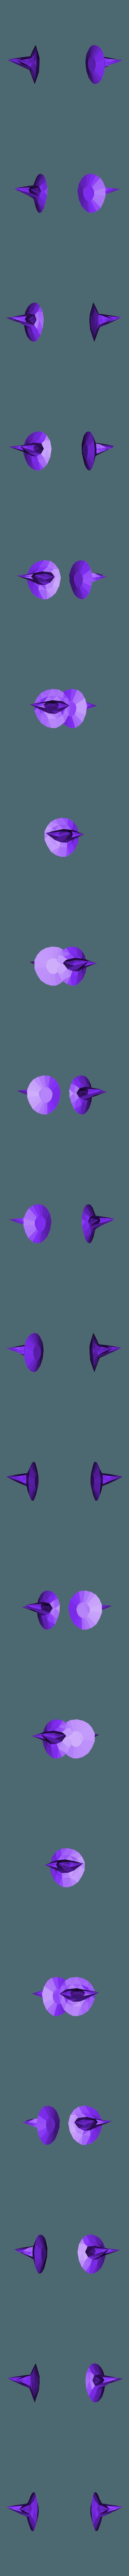 Mudkip_Ears.stl Télécharger fichier STL gratuit Mudkip - Pokemon 258 • Objet à imprimer en 3D, Kahnindustries